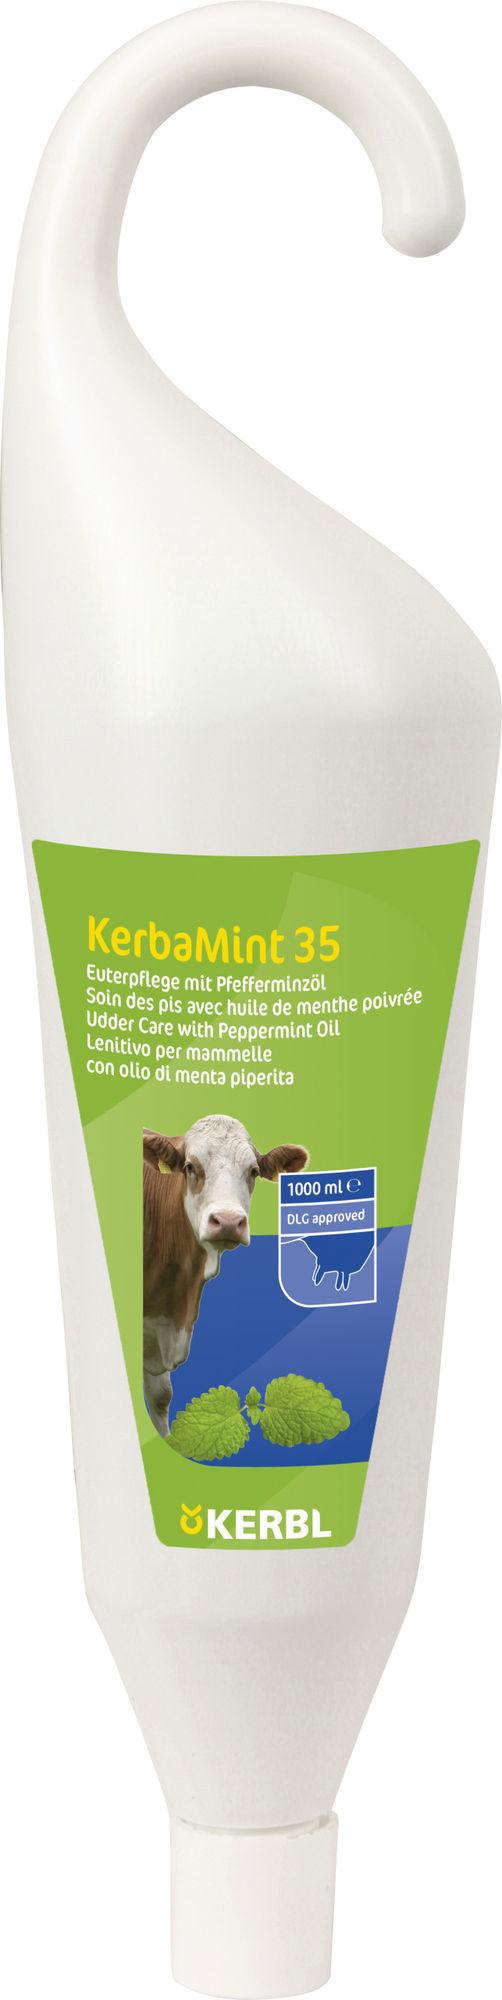 Euterpflegemittel KerbaMINT 1000 ml Hängeflasche